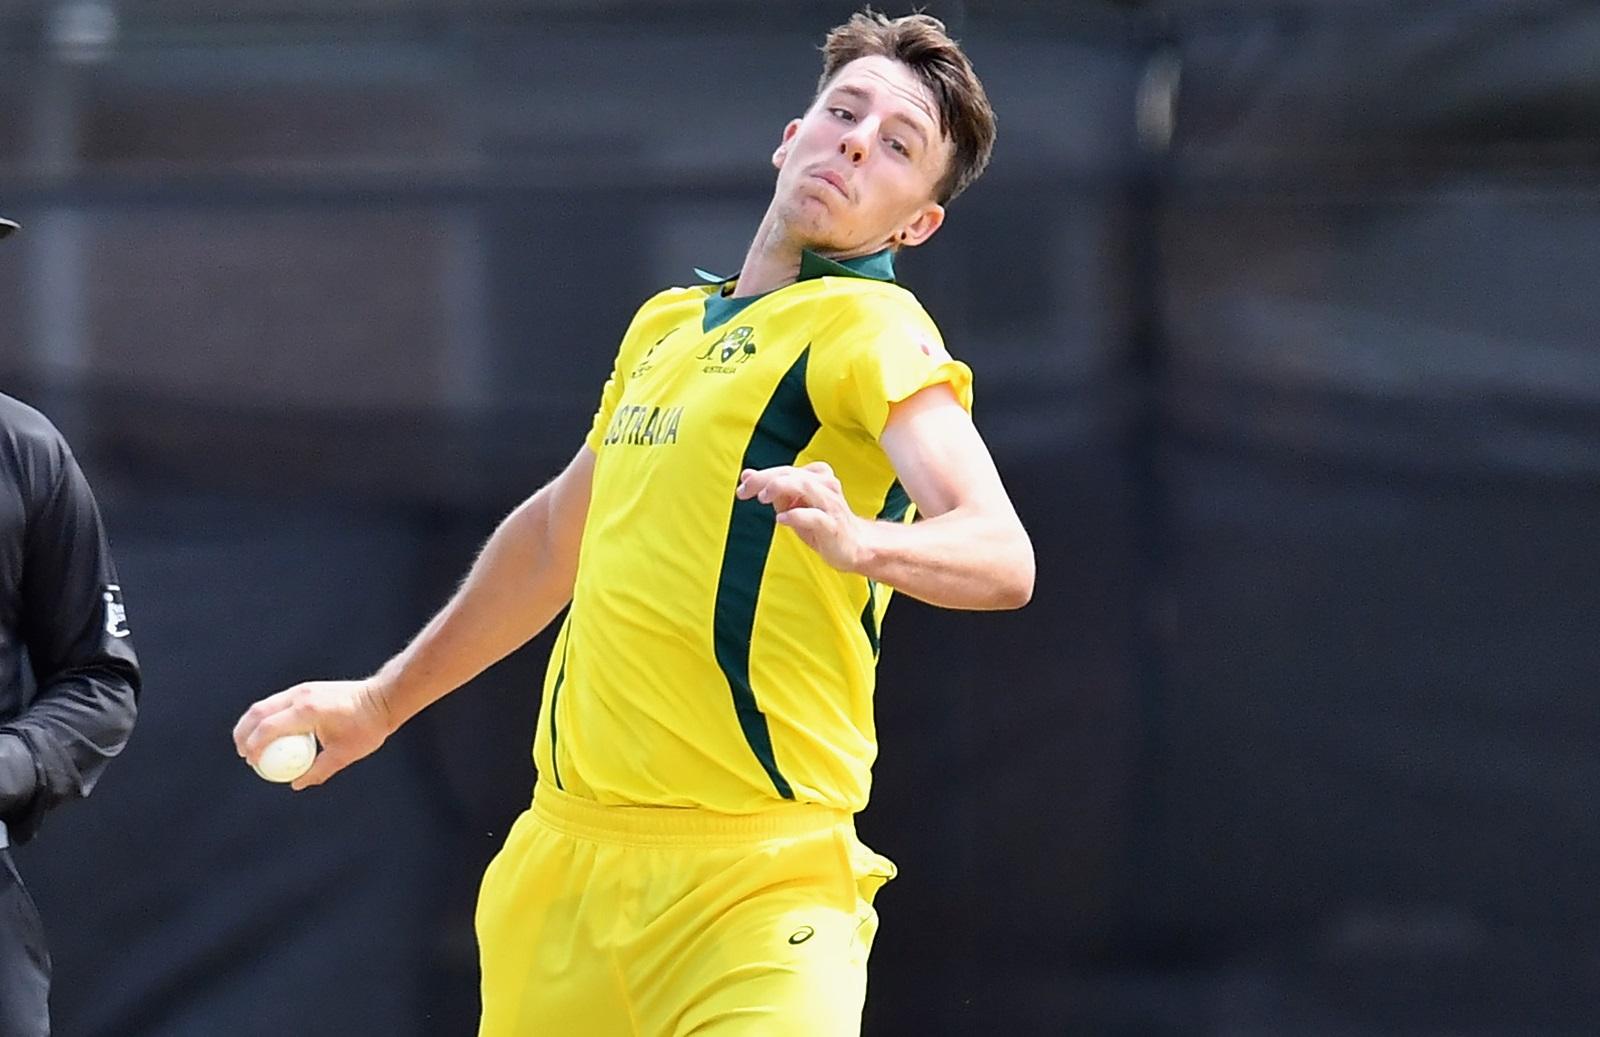 Australia S Best Is Good Enough U19 Quick Cricket Com Au